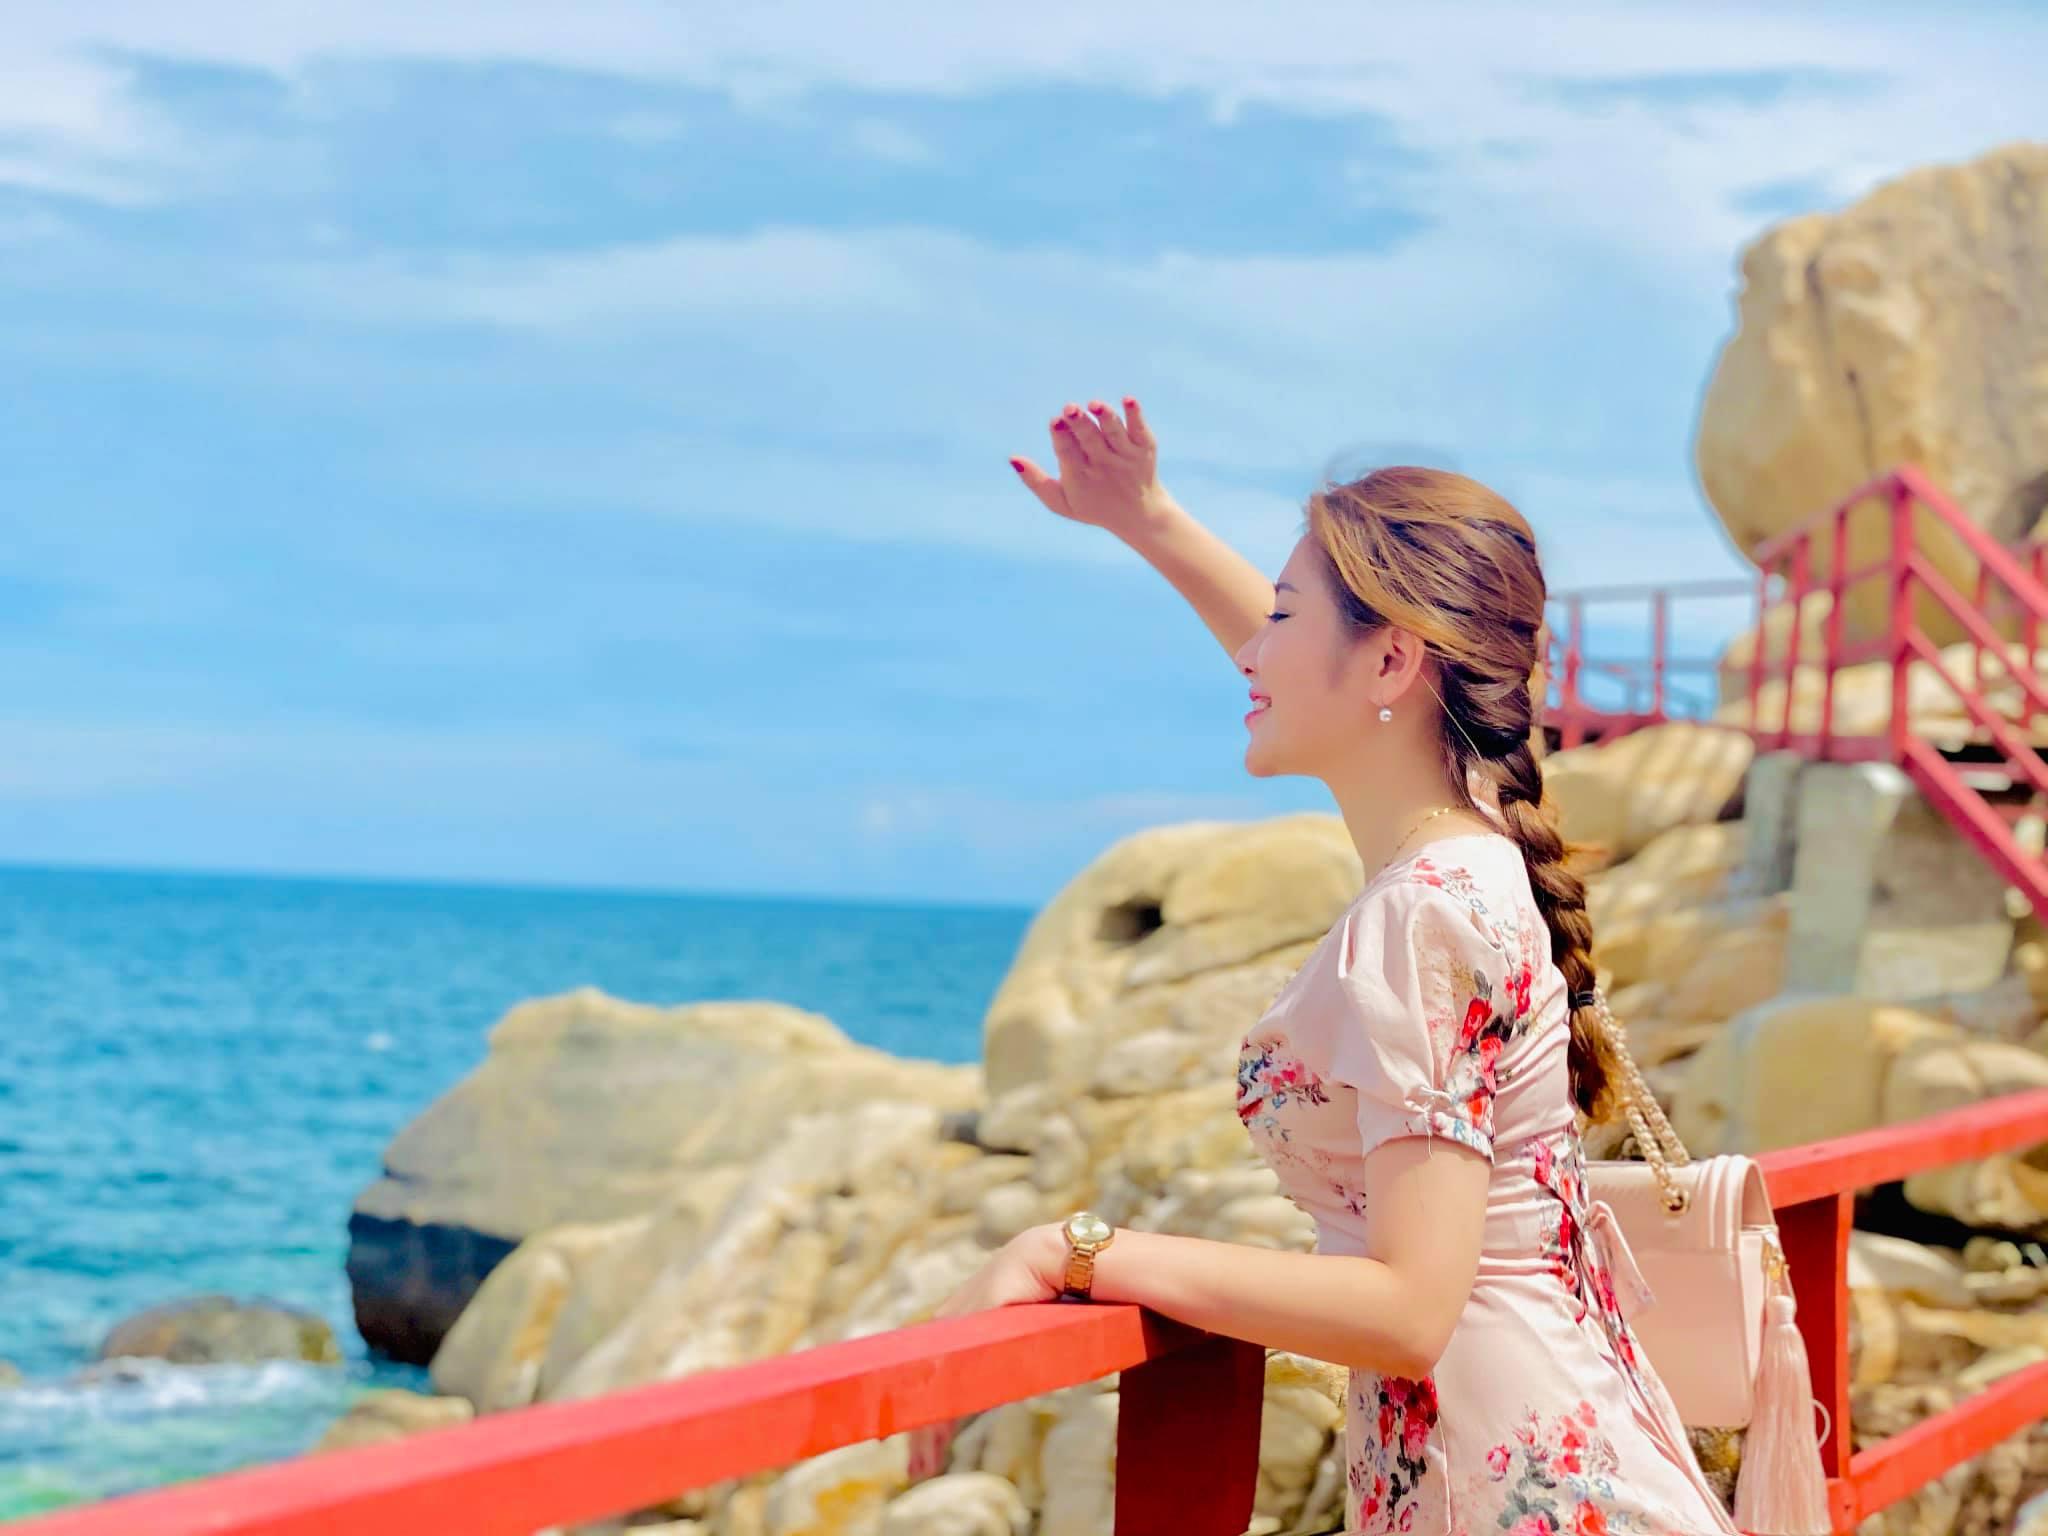 Tour du lịch từ Hải Phòng đi Nha Trang: Ưu đãi bất tận trong mùa hè này - Ảnh 5.